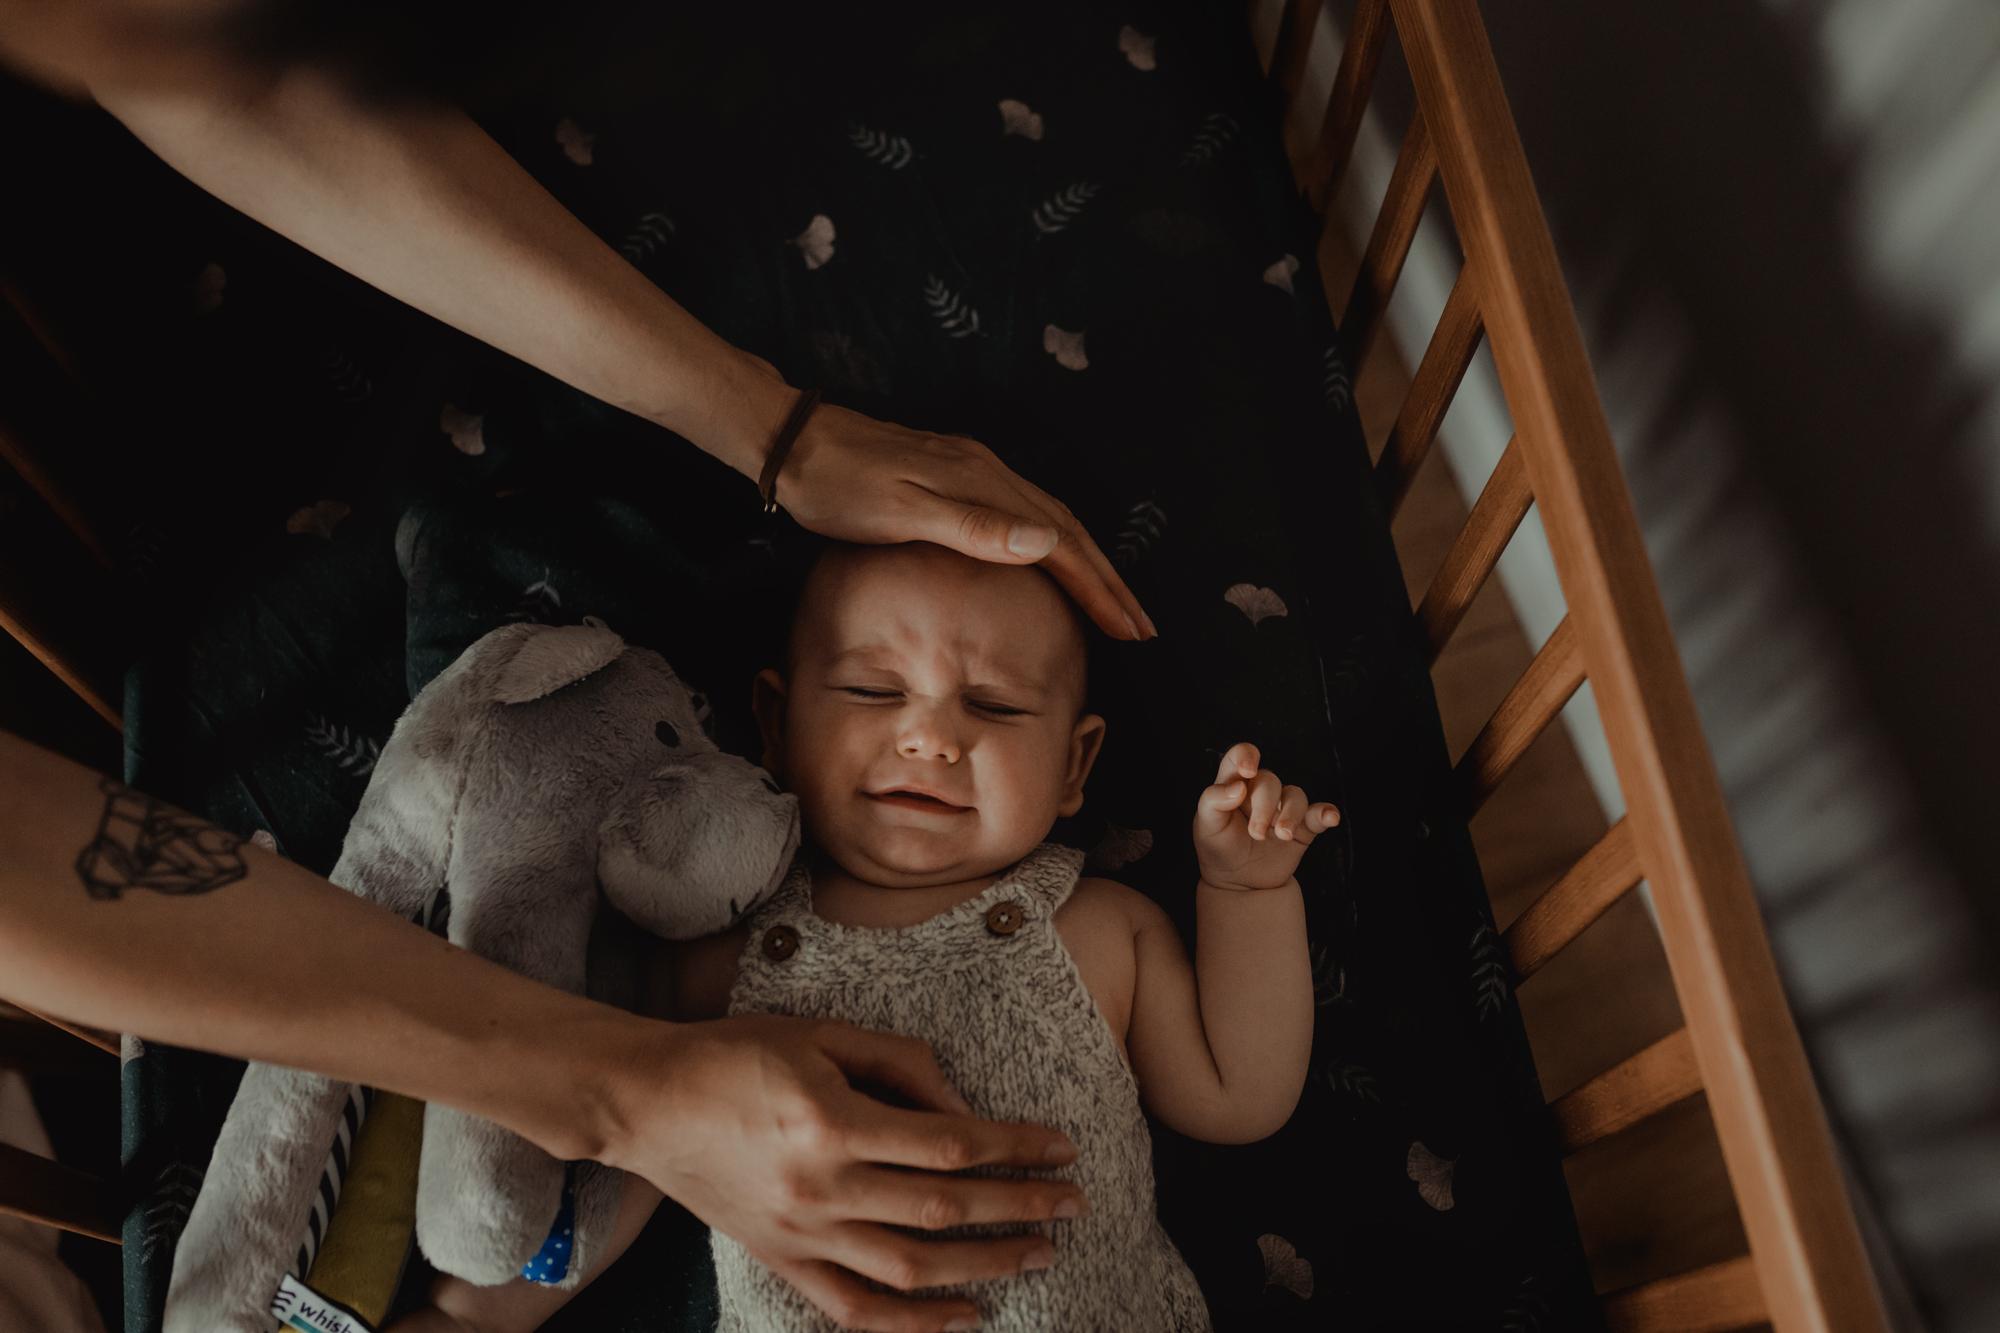 dlaczego dziecko płacze przez sen?